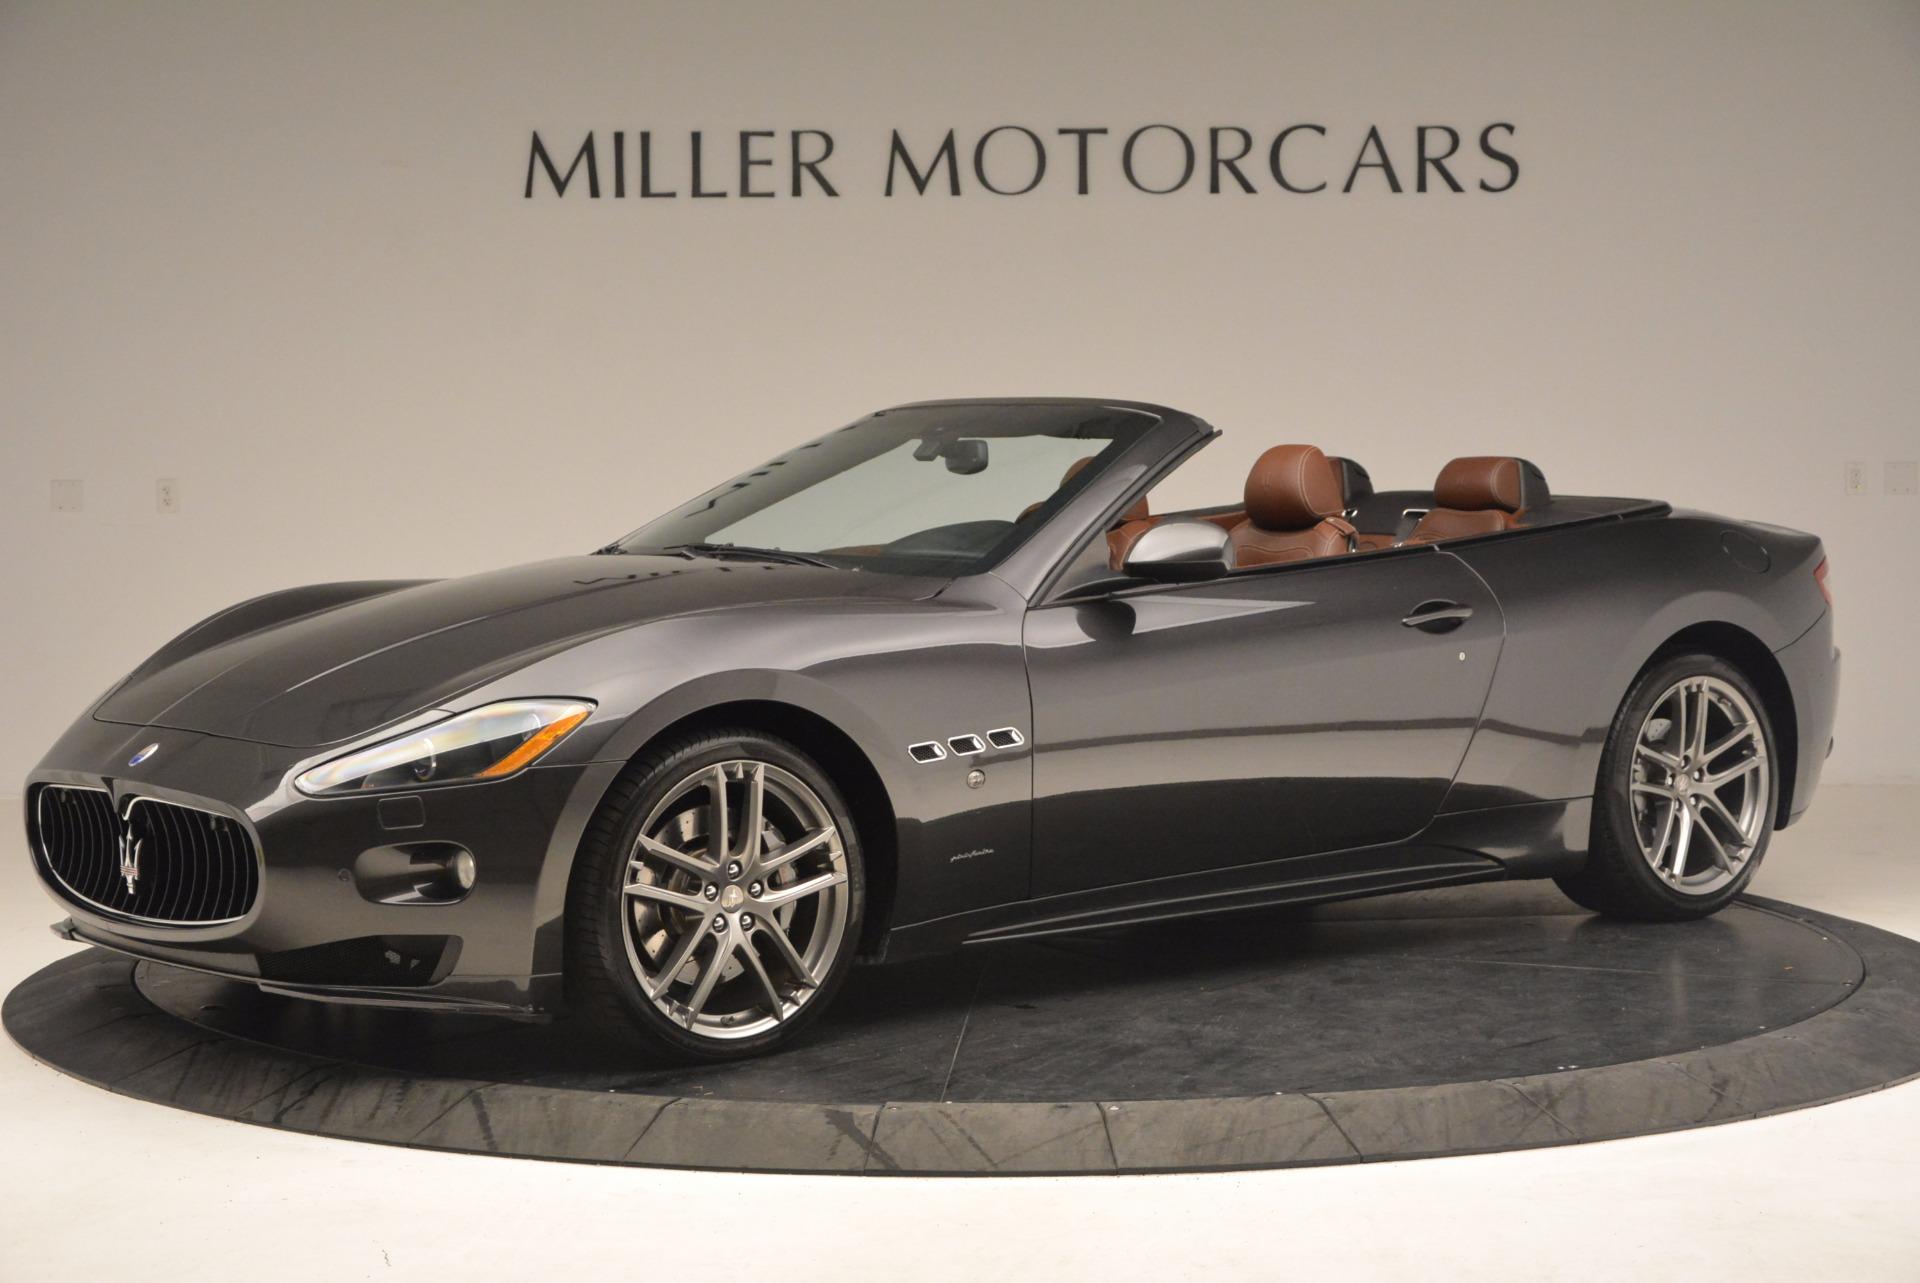 Used 2012 Maserati GranTurismo Sport For Sale In Westport, CT 1097_p2